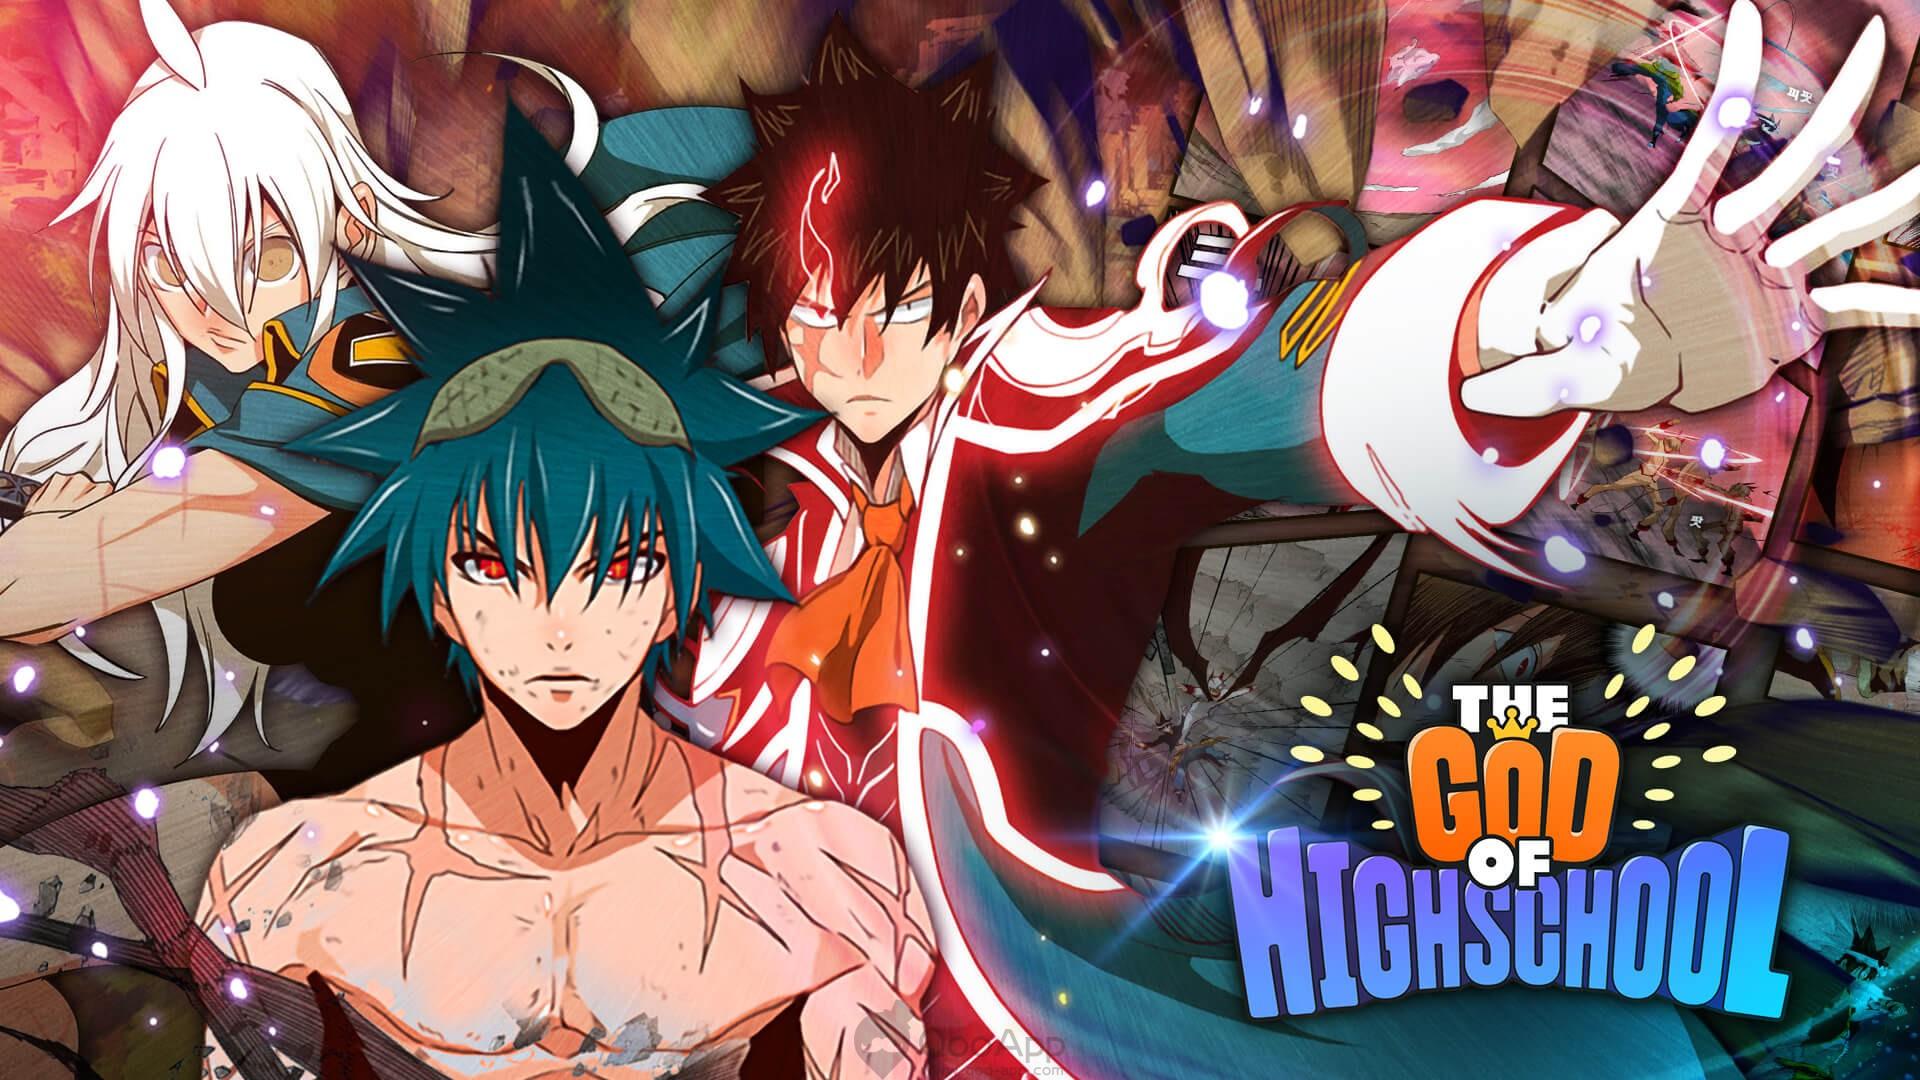 Future Of The God Of High School, Updates on Season 2? - OtakuKart